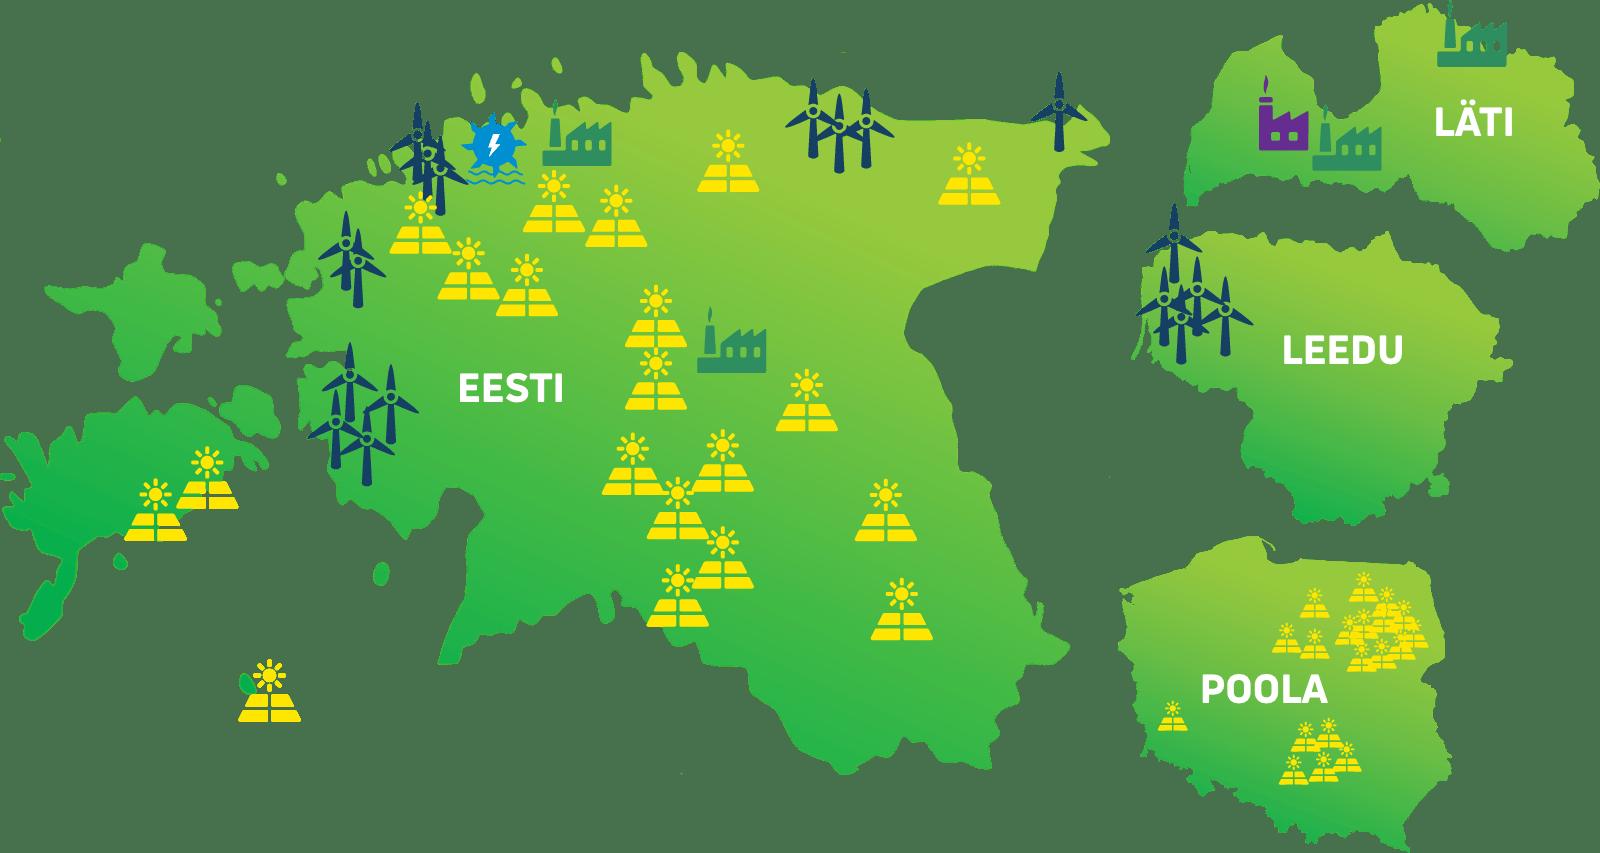 Toodame täna taastuvenergiat Eestis, Lätis, Leedus ja Poolas